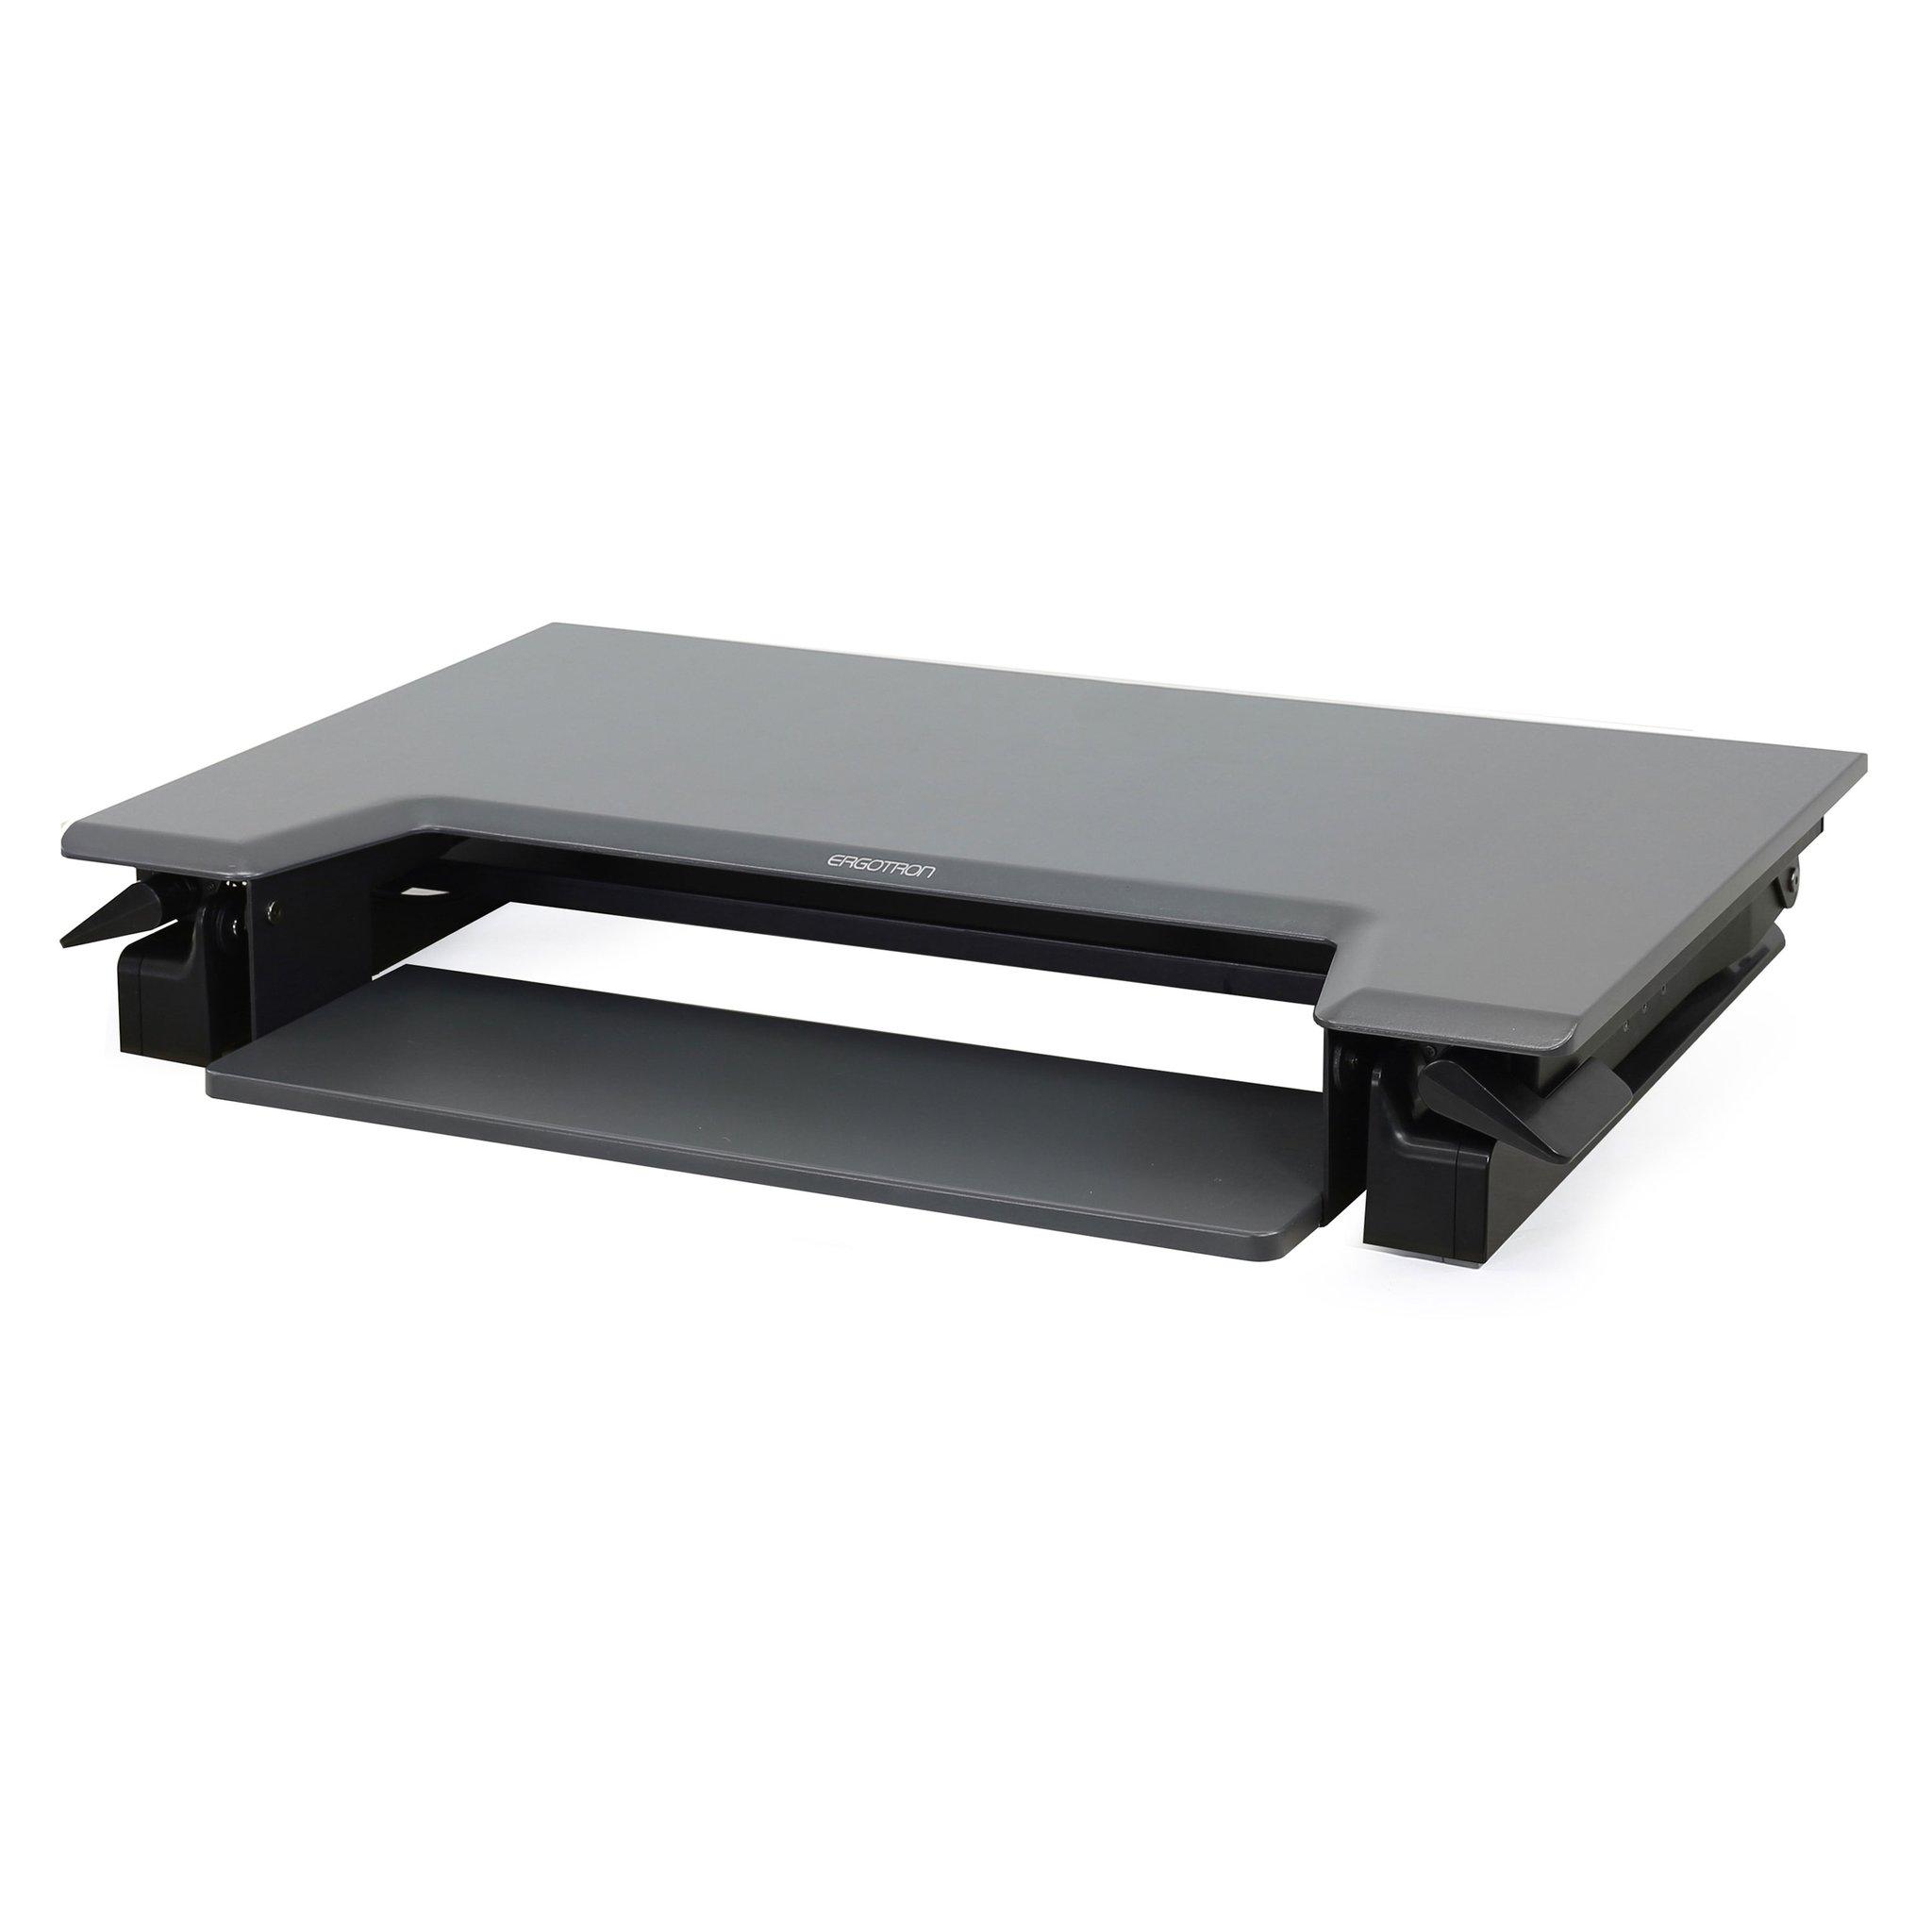 Haworth Ergotron WorkFit Sit-Stand Desktop Workstation - Black